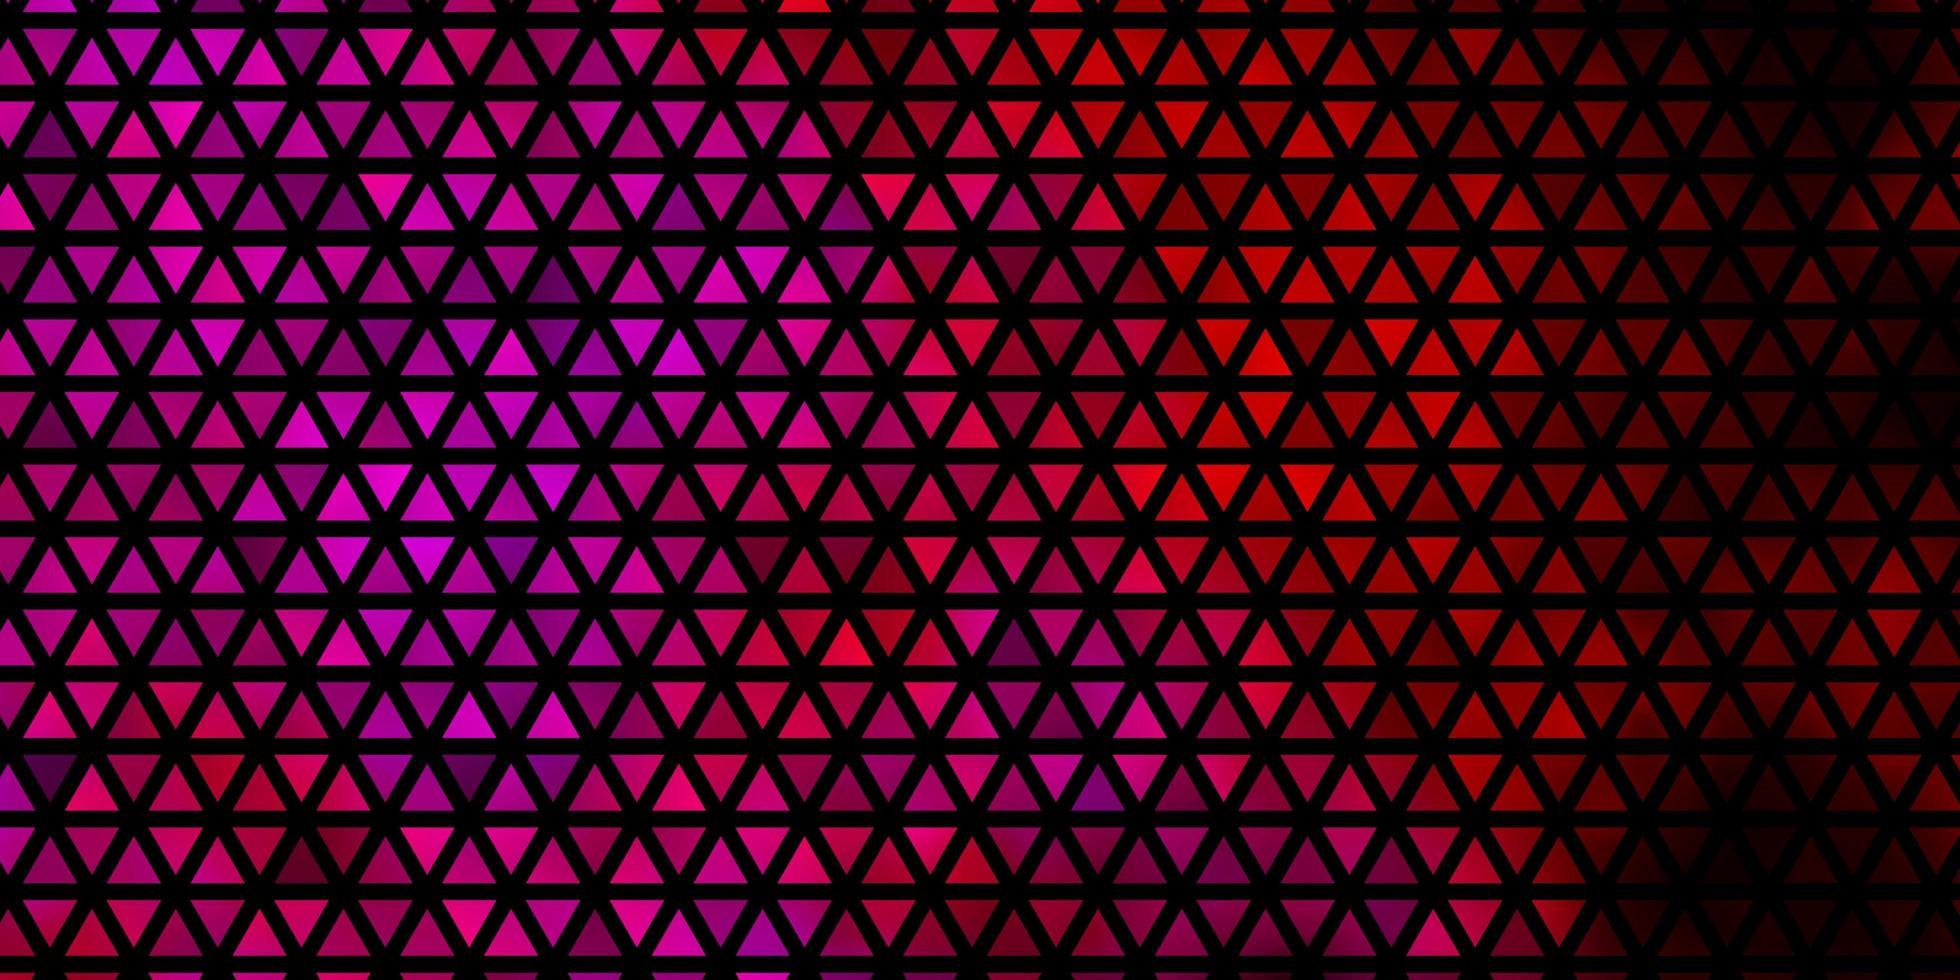 sfondo vettoriale viola scuro, rosa con linee, triangoli.